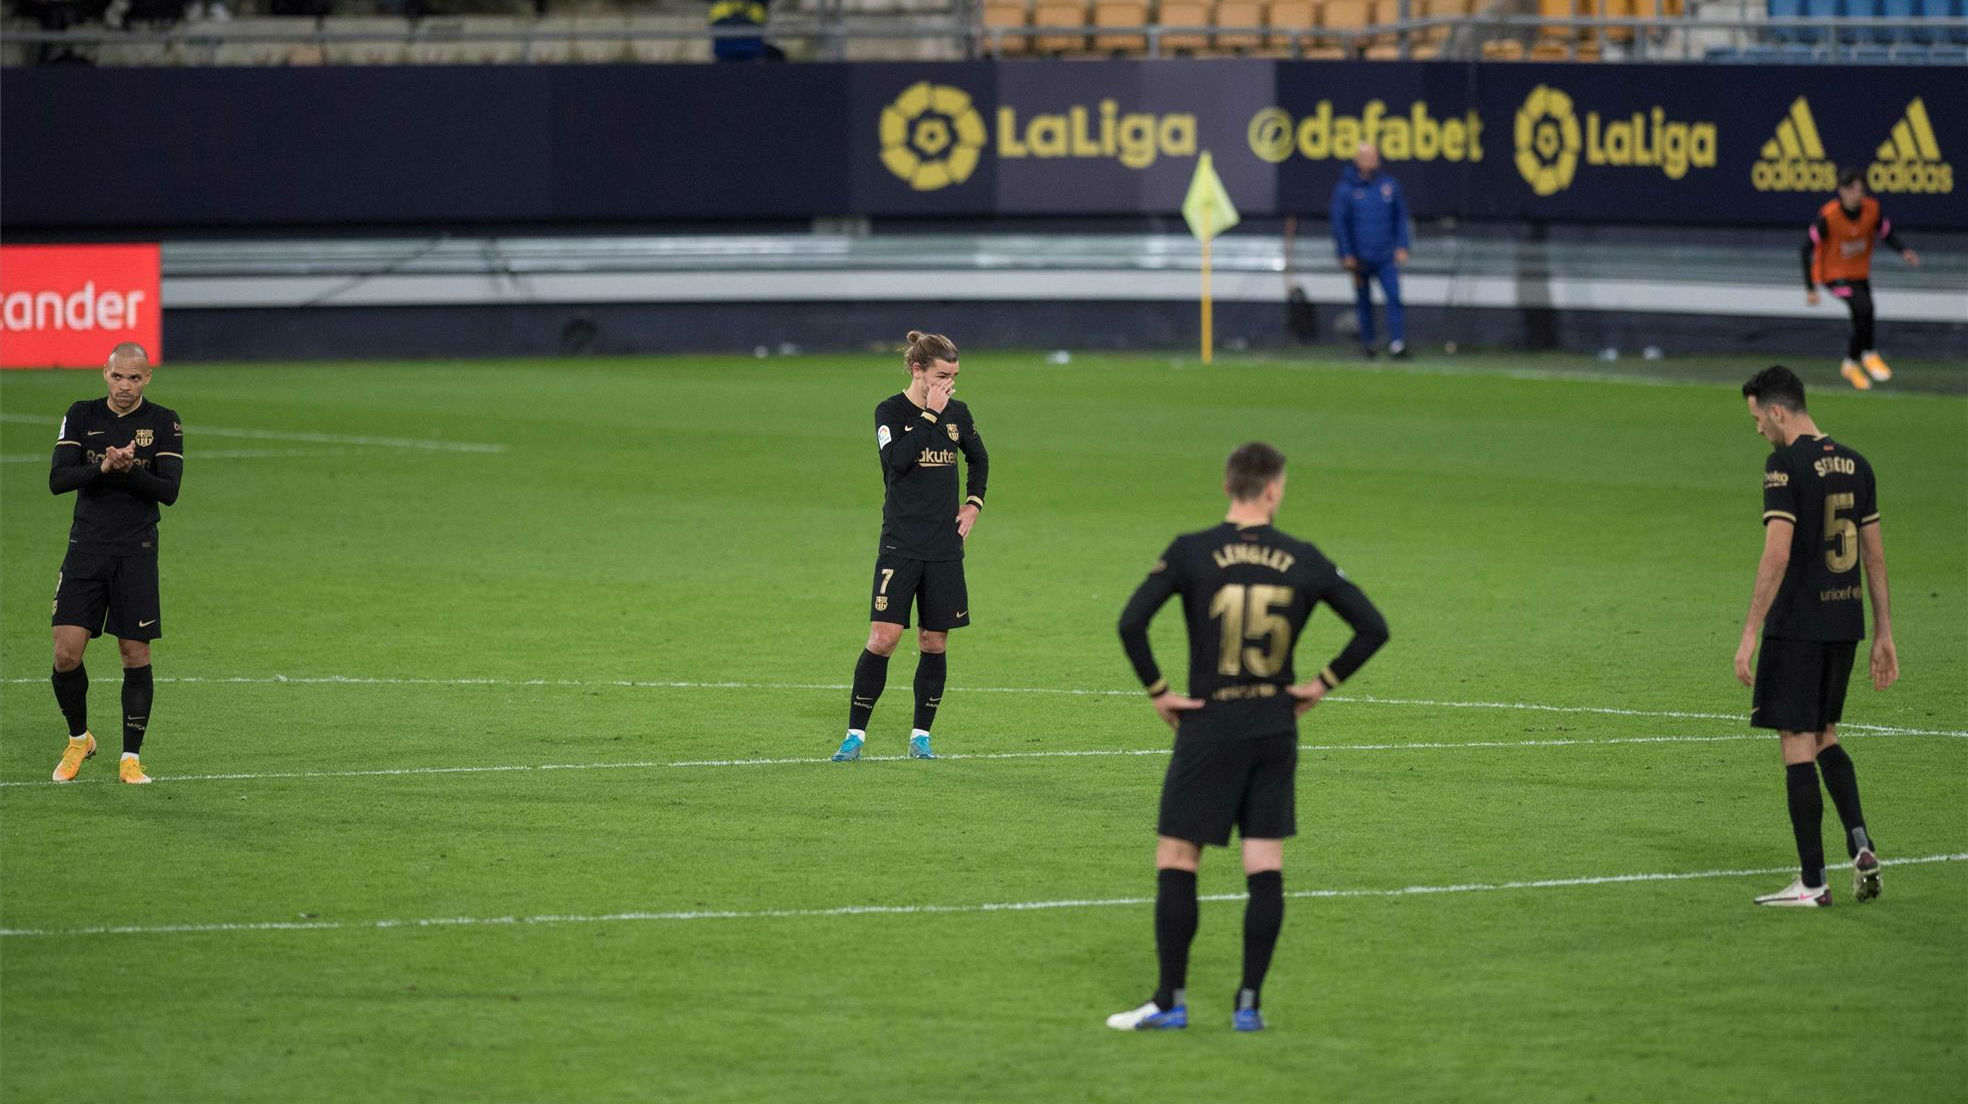 Los errores defensivos condenan al Barça en Cádiz